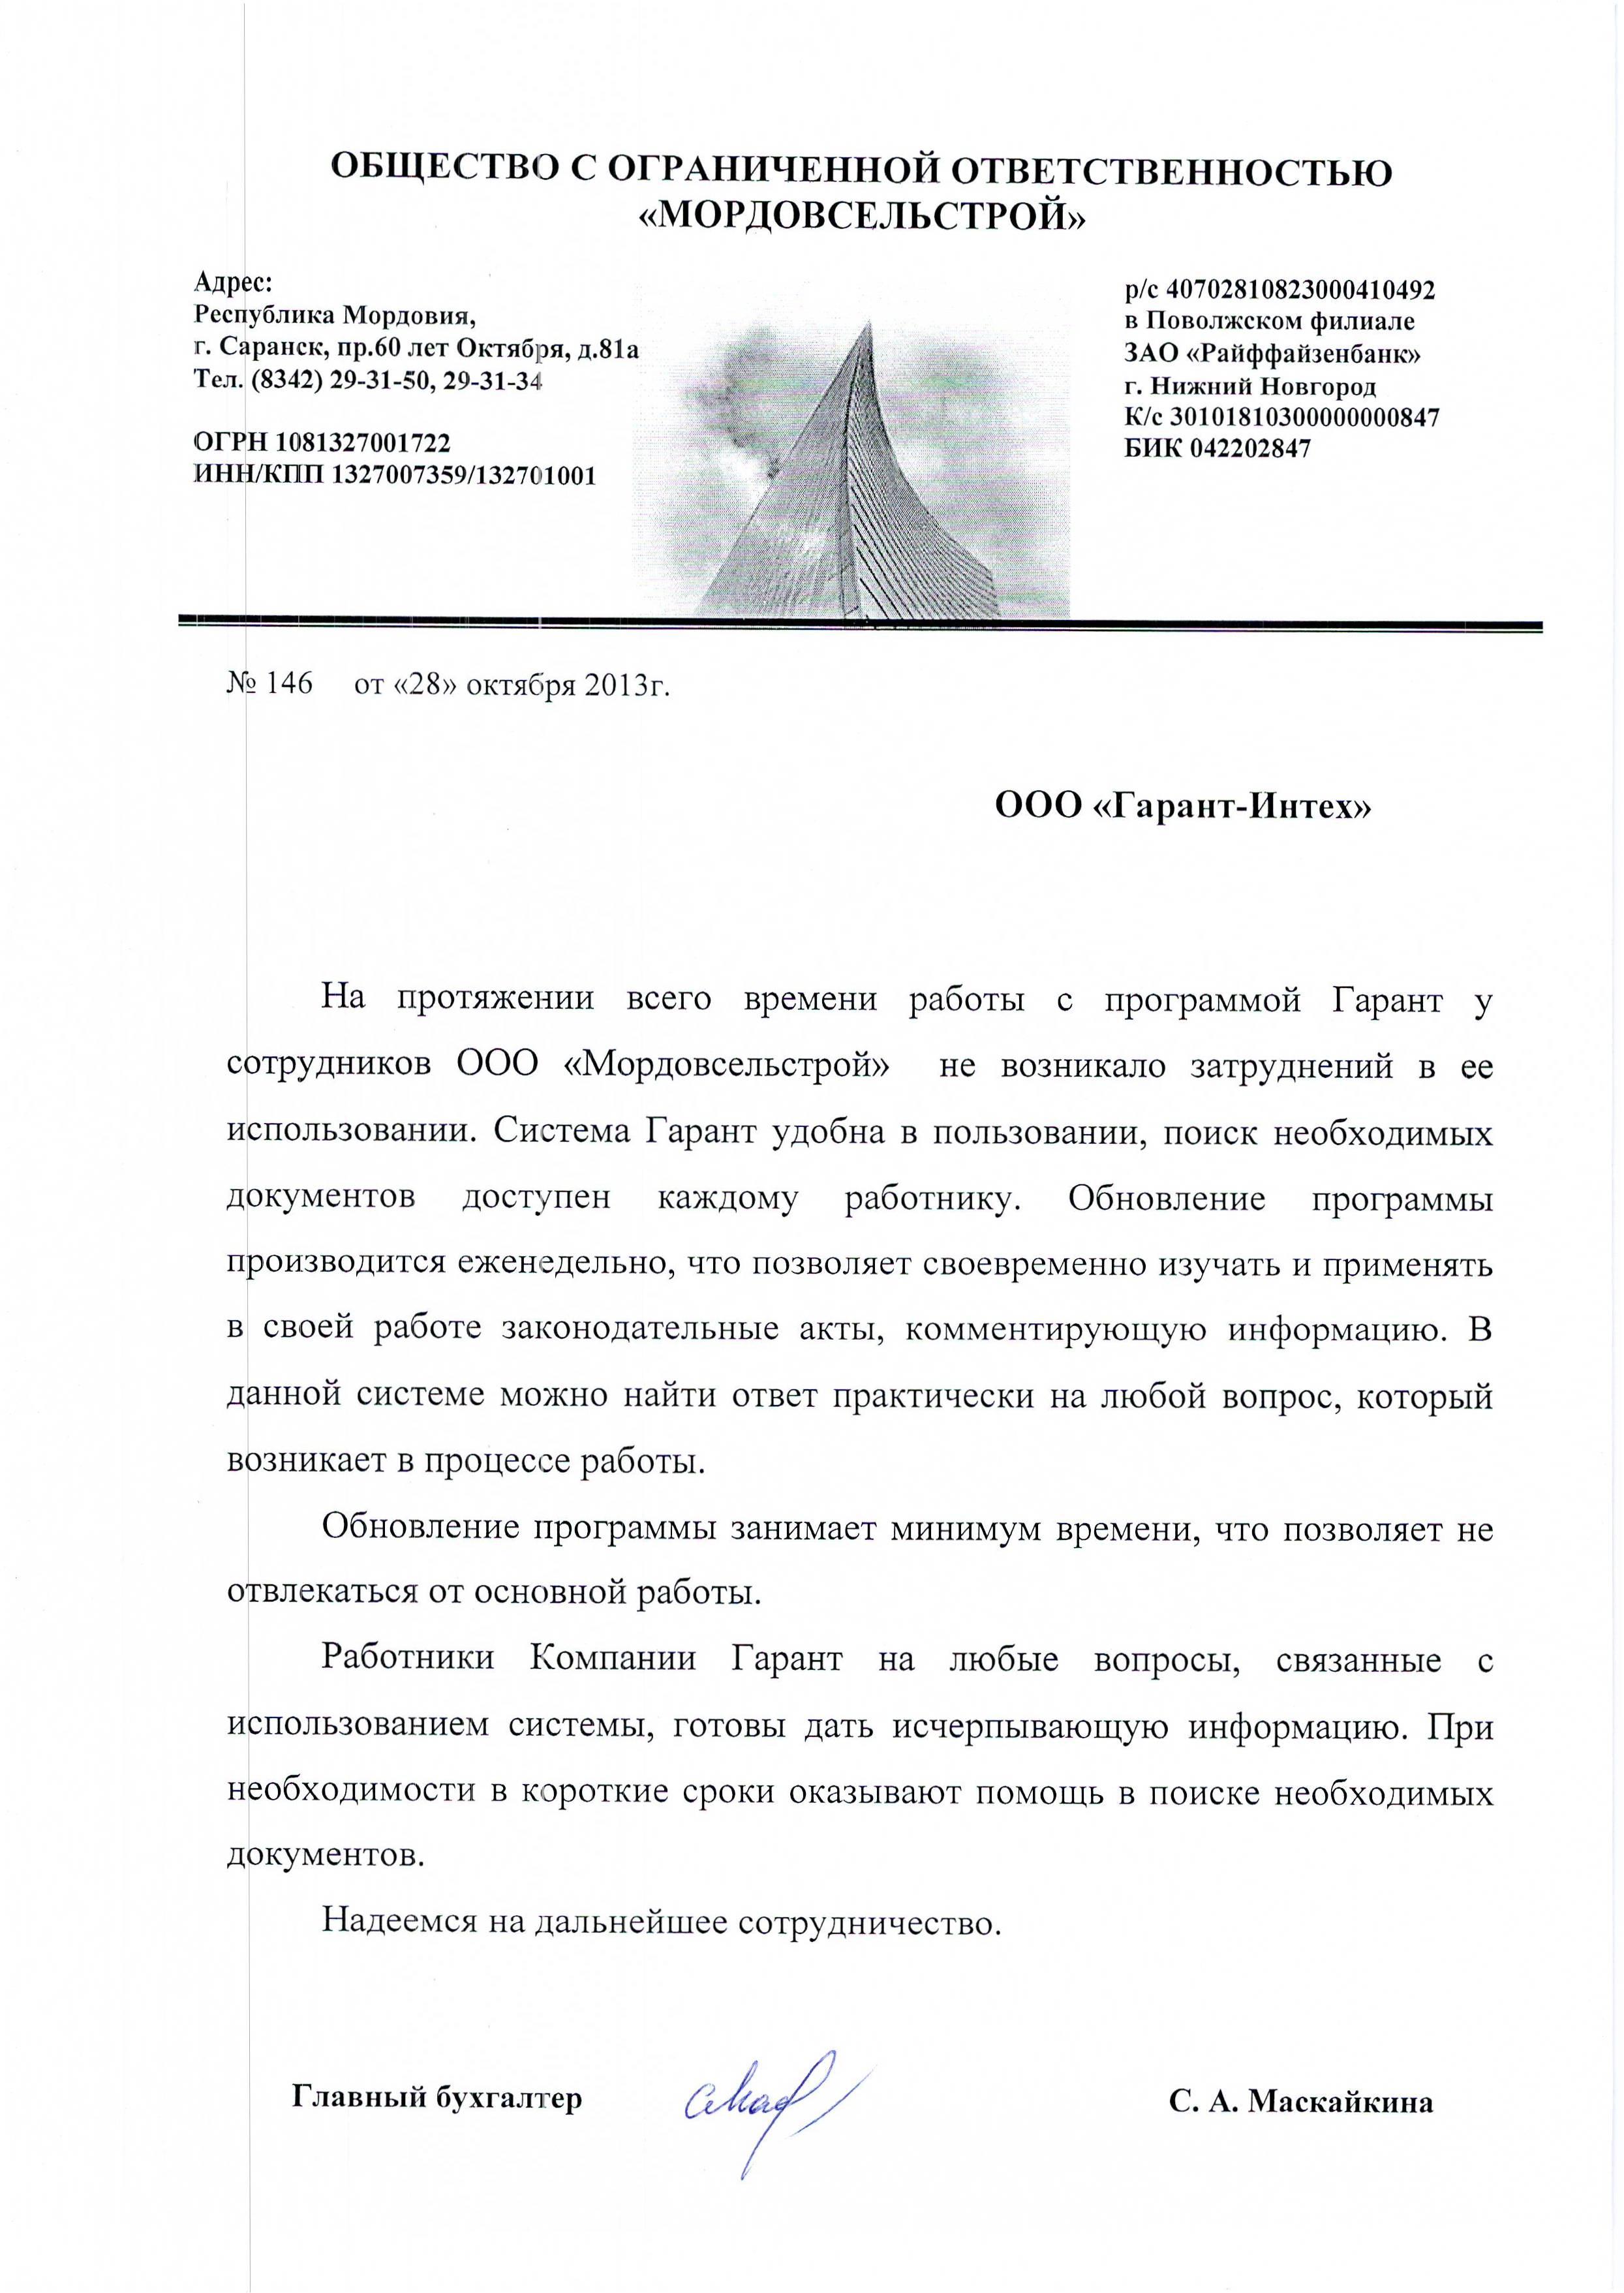 Мордовсельстрой_28.10.13